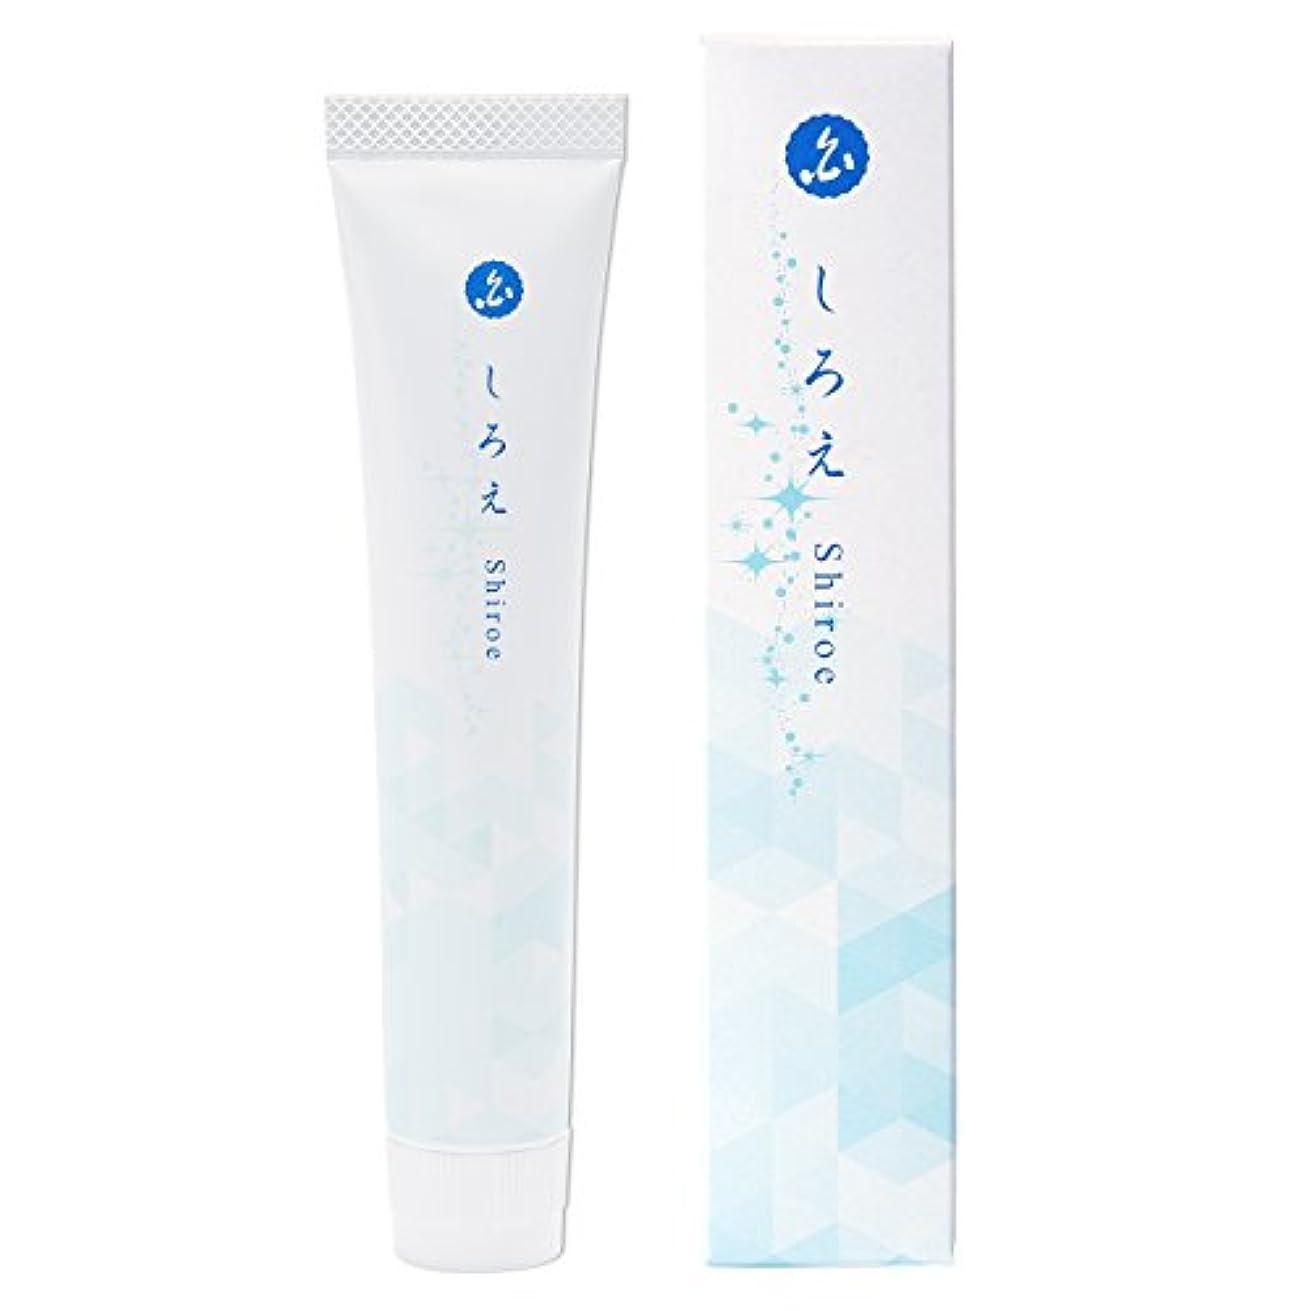 しろえ 歯磨きジェル 薬用 ホワイトニング歯磨き粉 医薬部外品 はみがき粉 50g 日本製